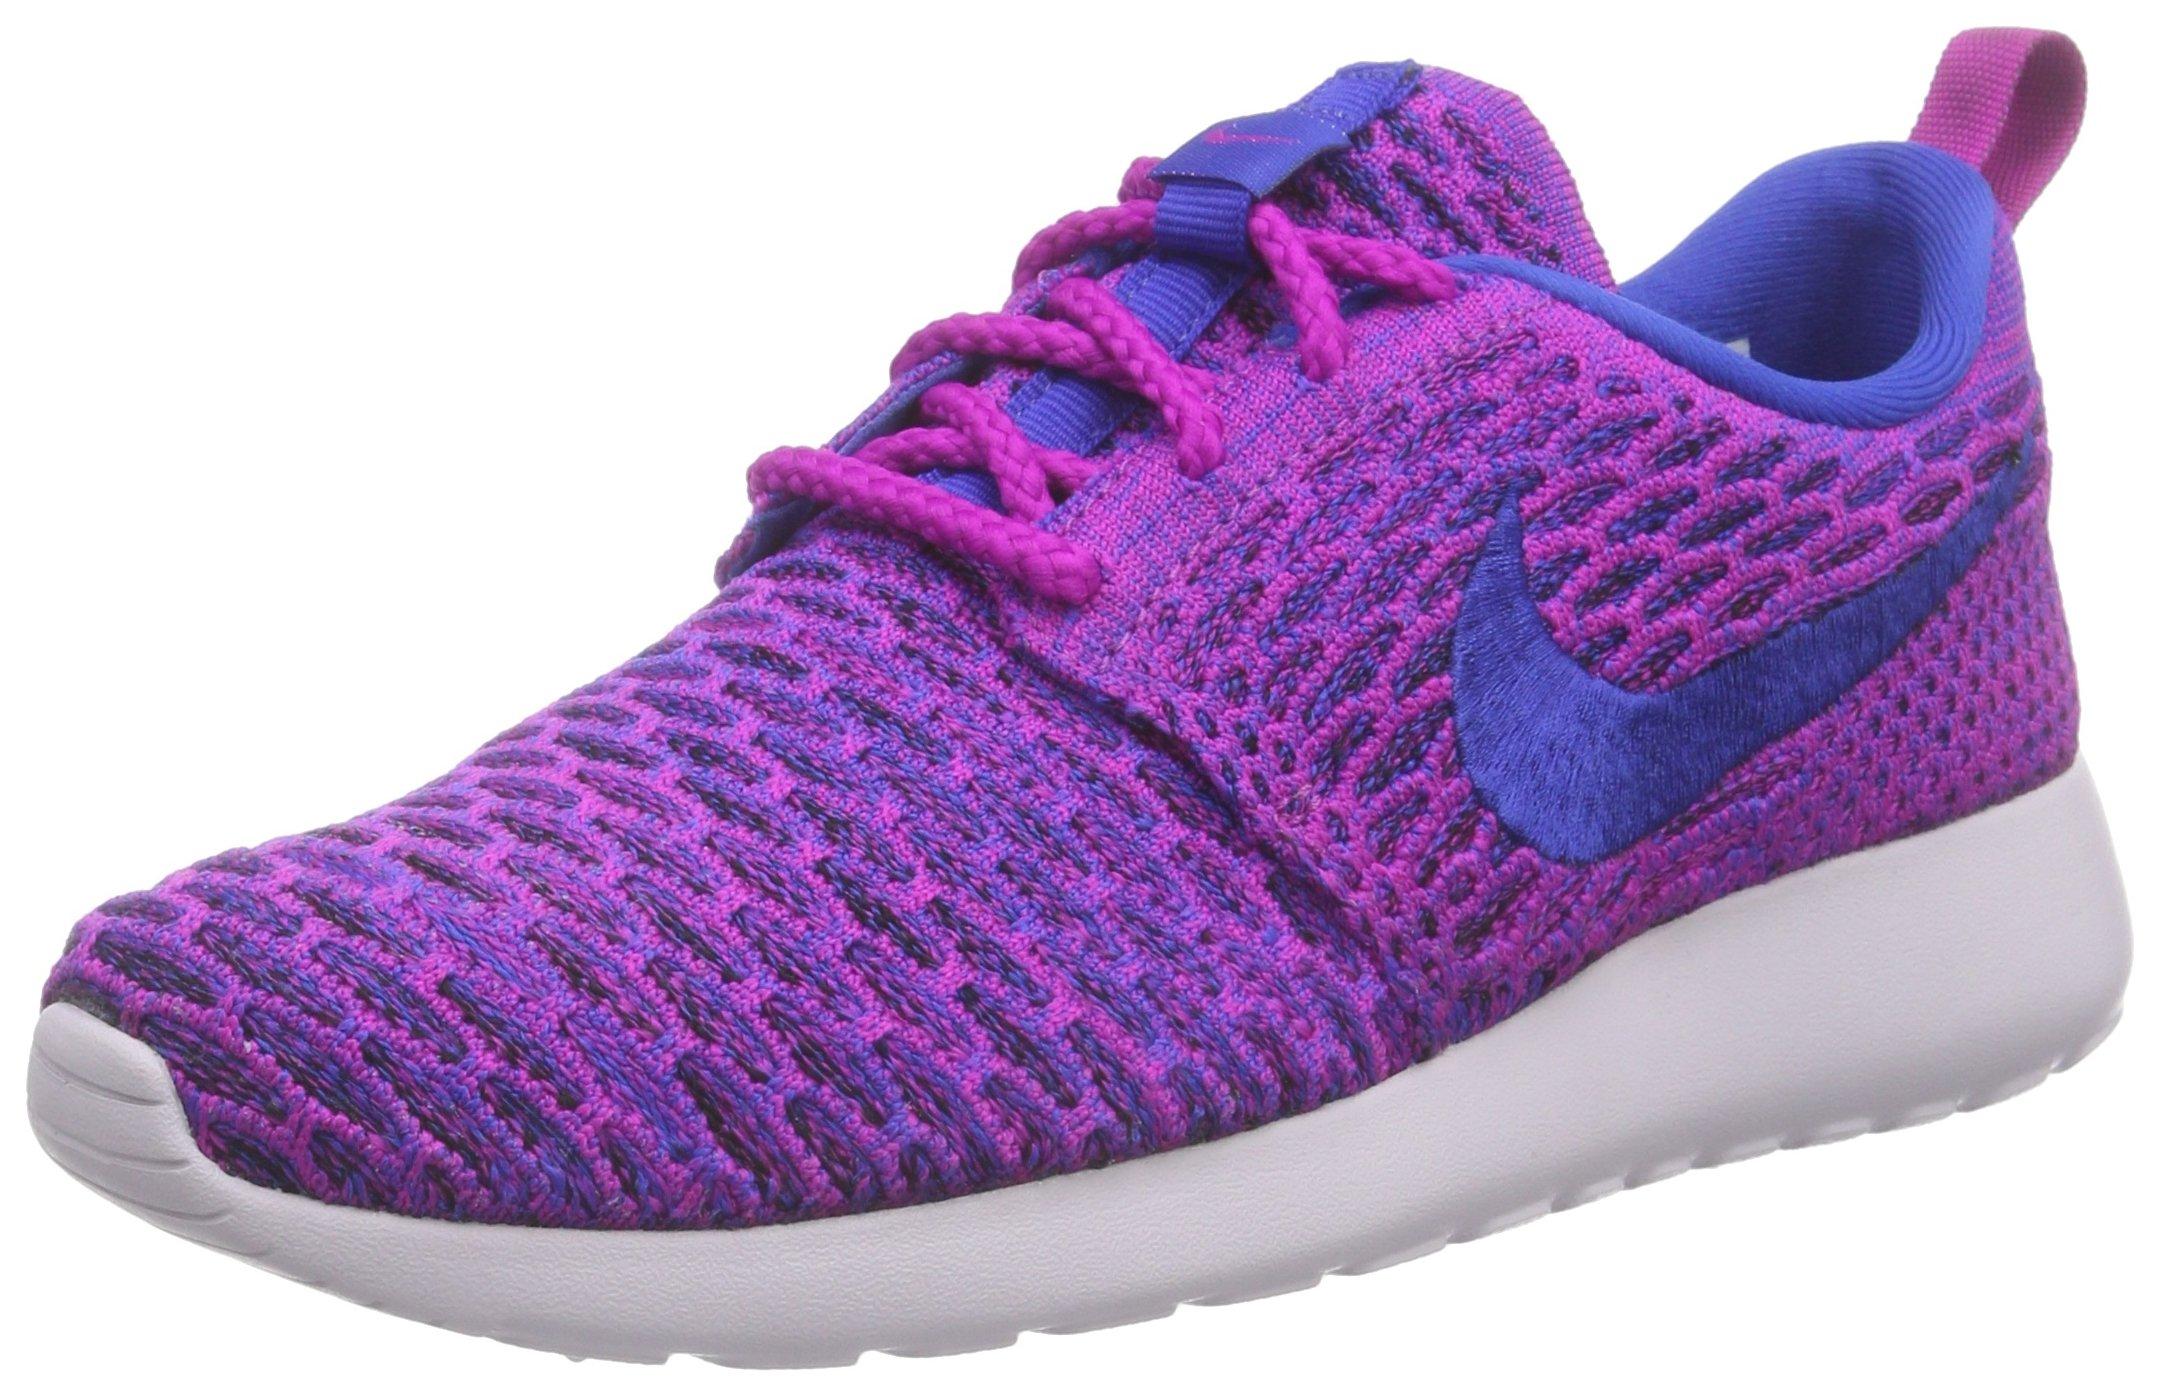 Nike Rosherun Flyknit Women US 6 Purple Sneakers